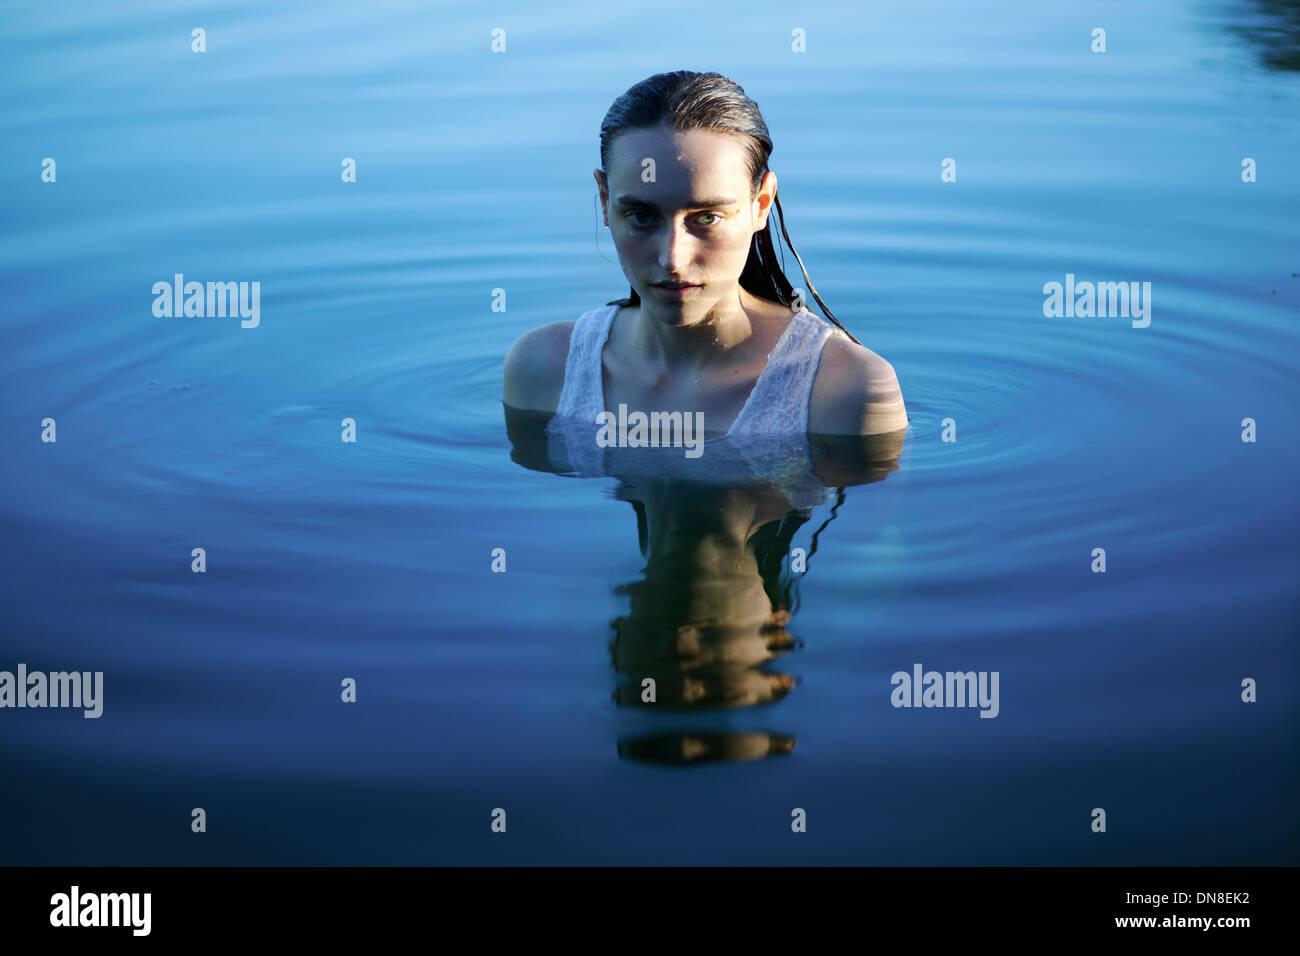 Jeune femme debout dans l'eau, portrait Photo Stock